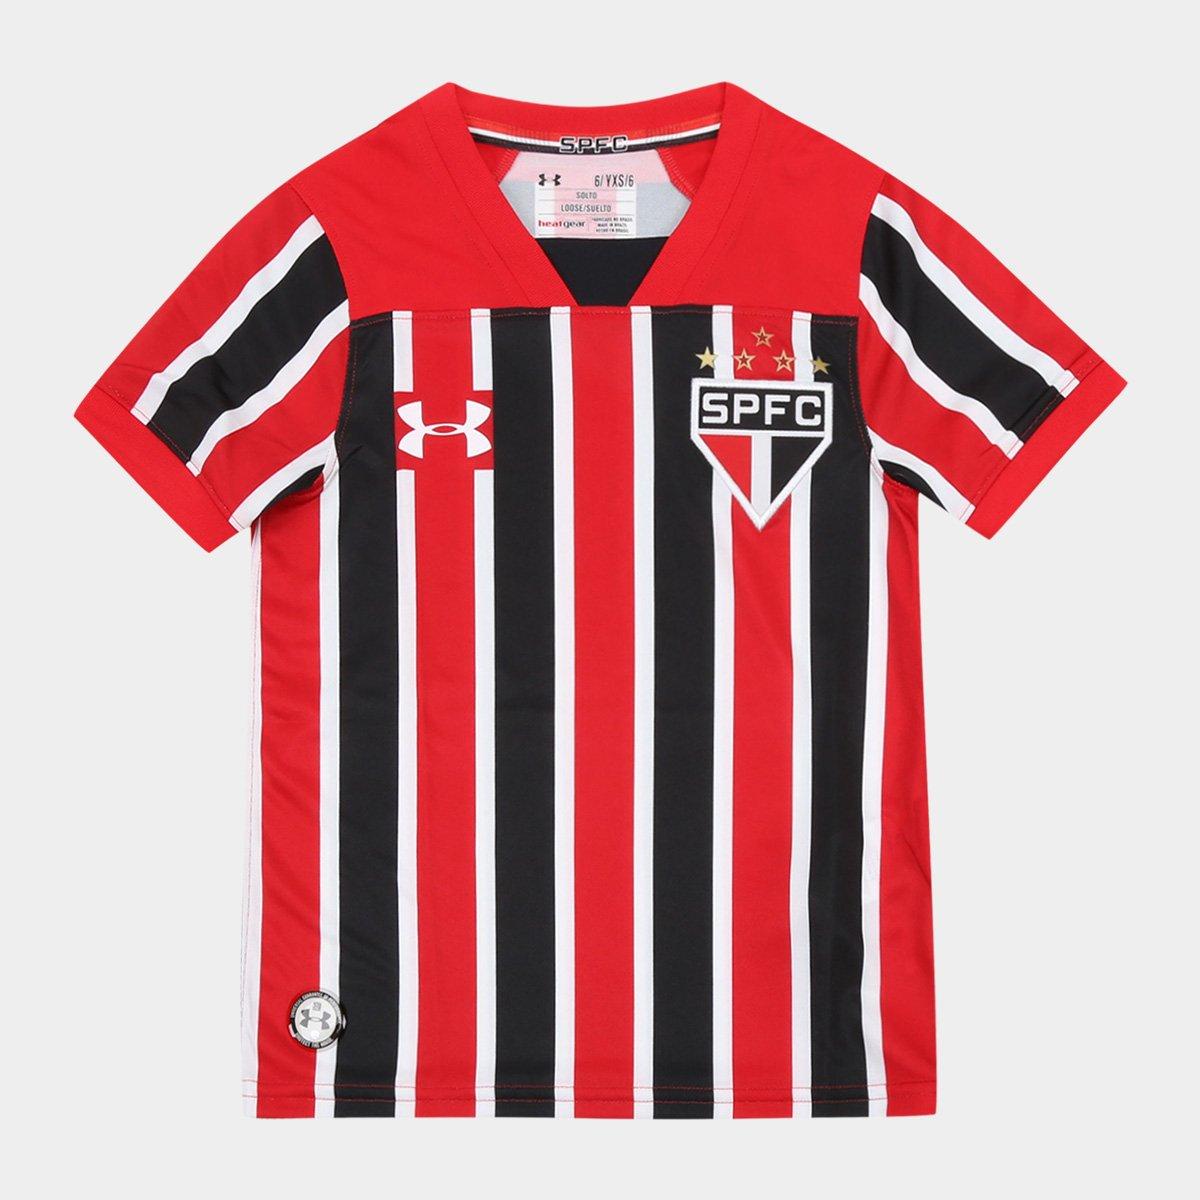 Camisa São Paulo Infantil II 17 18 s nº Torcedor Under Armour ... cba275e607e39